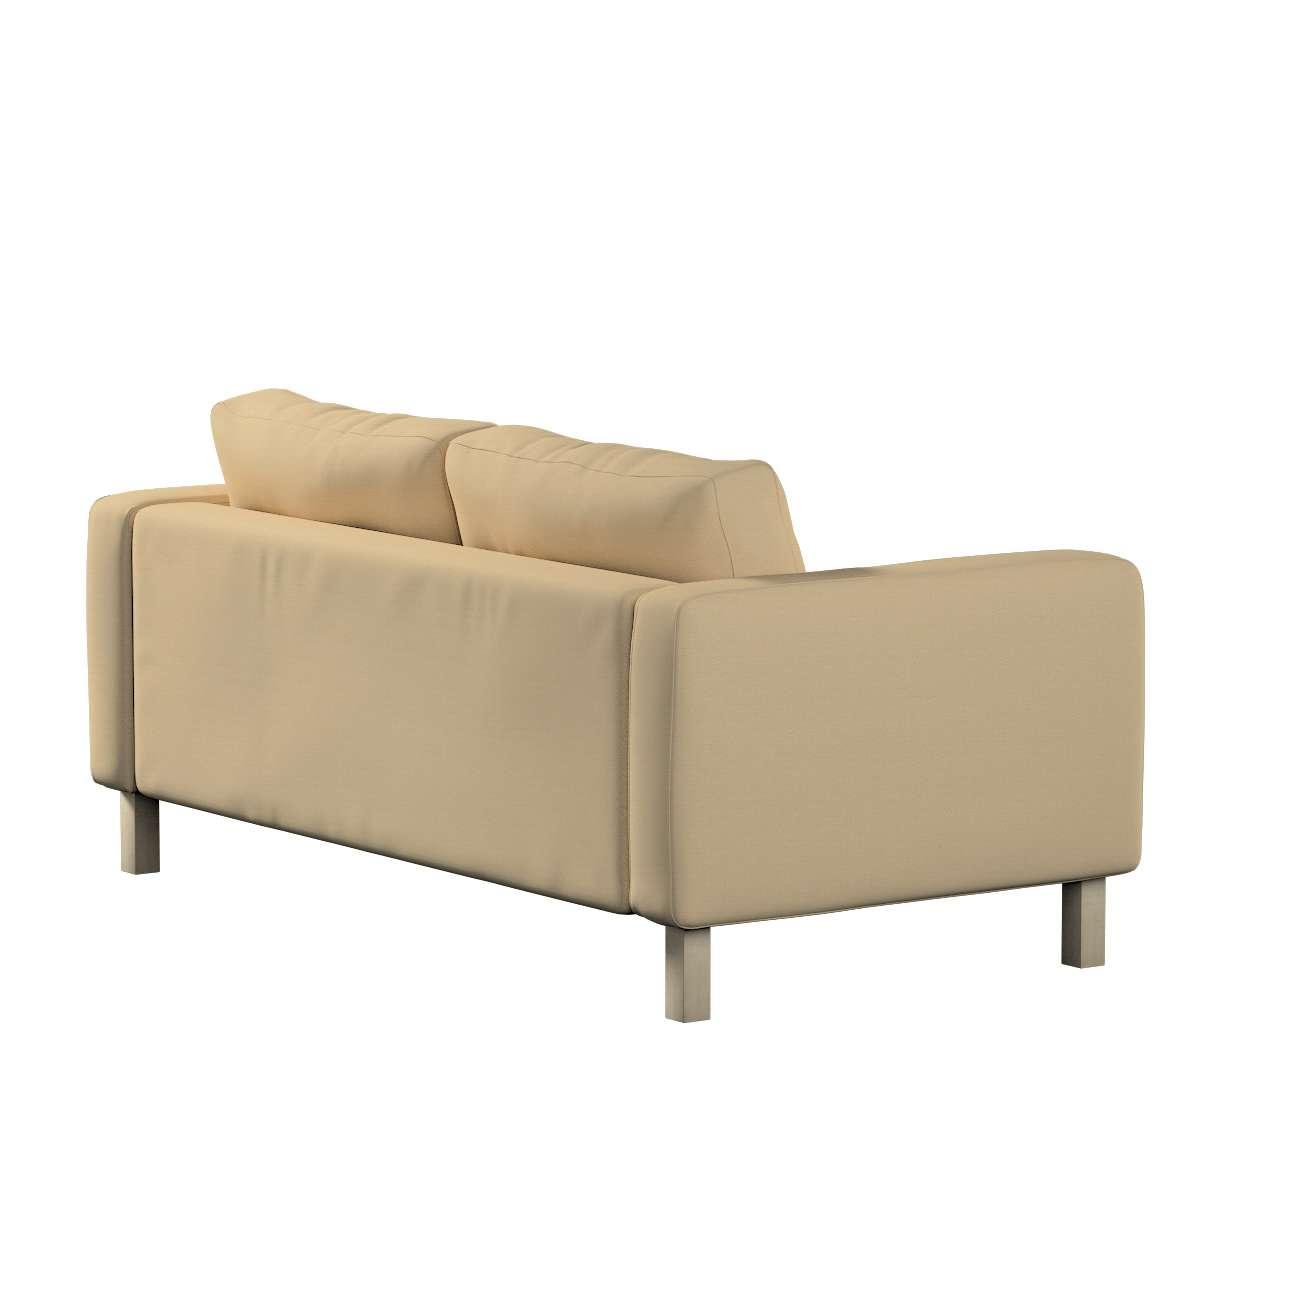 Pokrowiec na sofę Karlstad 2-osobową nierozkładaną krótki w kolekcji Cotton Panama, tkanina: 702-01